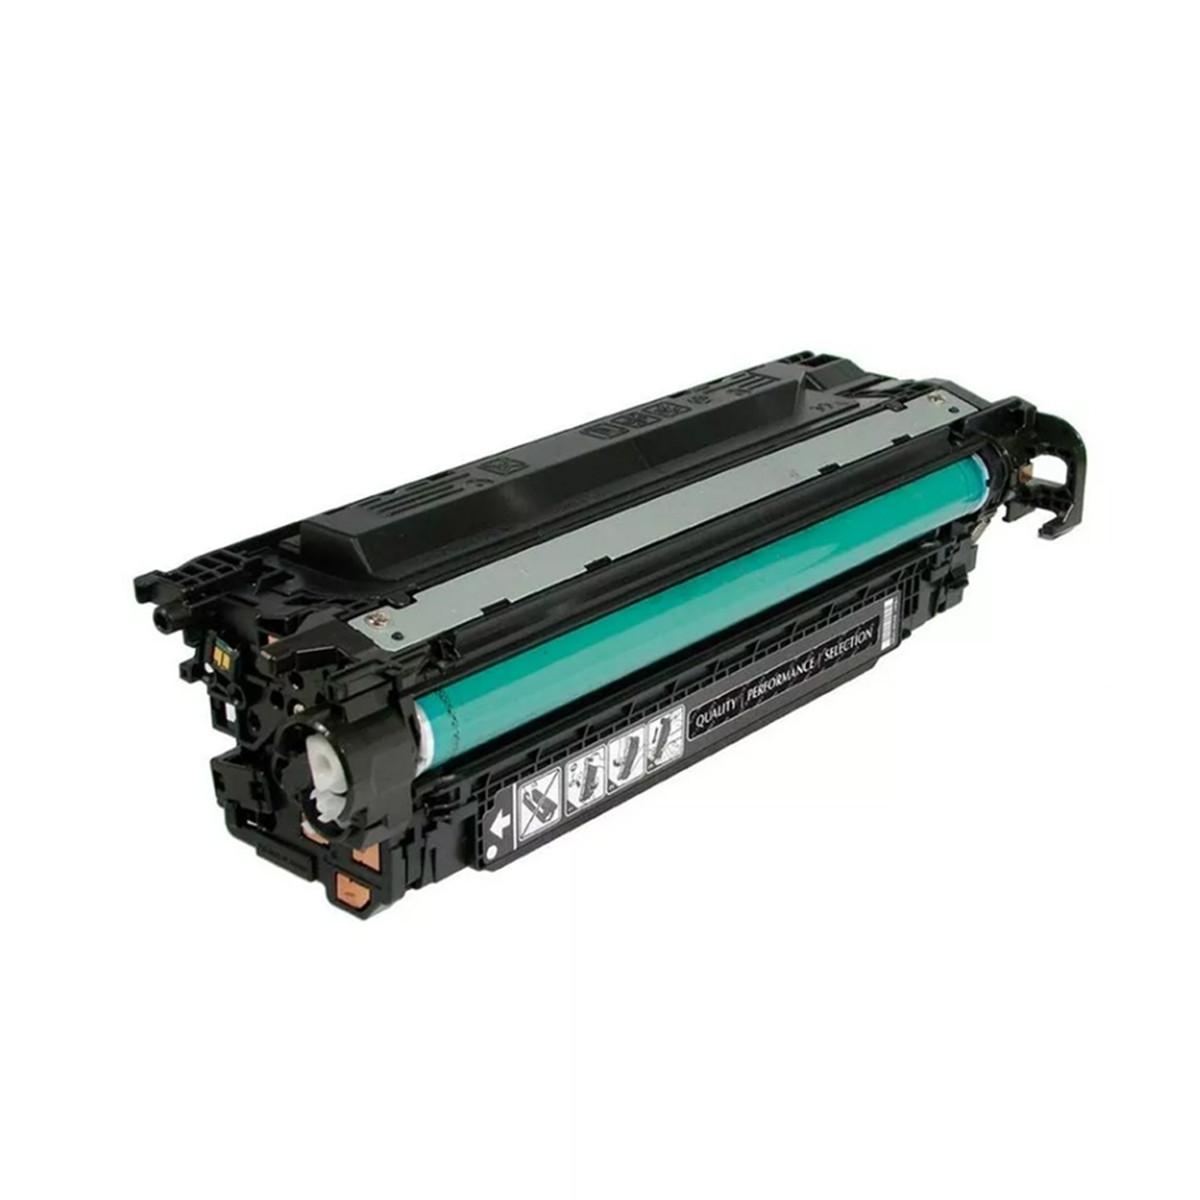 Toner Compatível com HP CF362A 62A Amarelo 508A | M553DN M553 M577DN M577 | Importado 5k